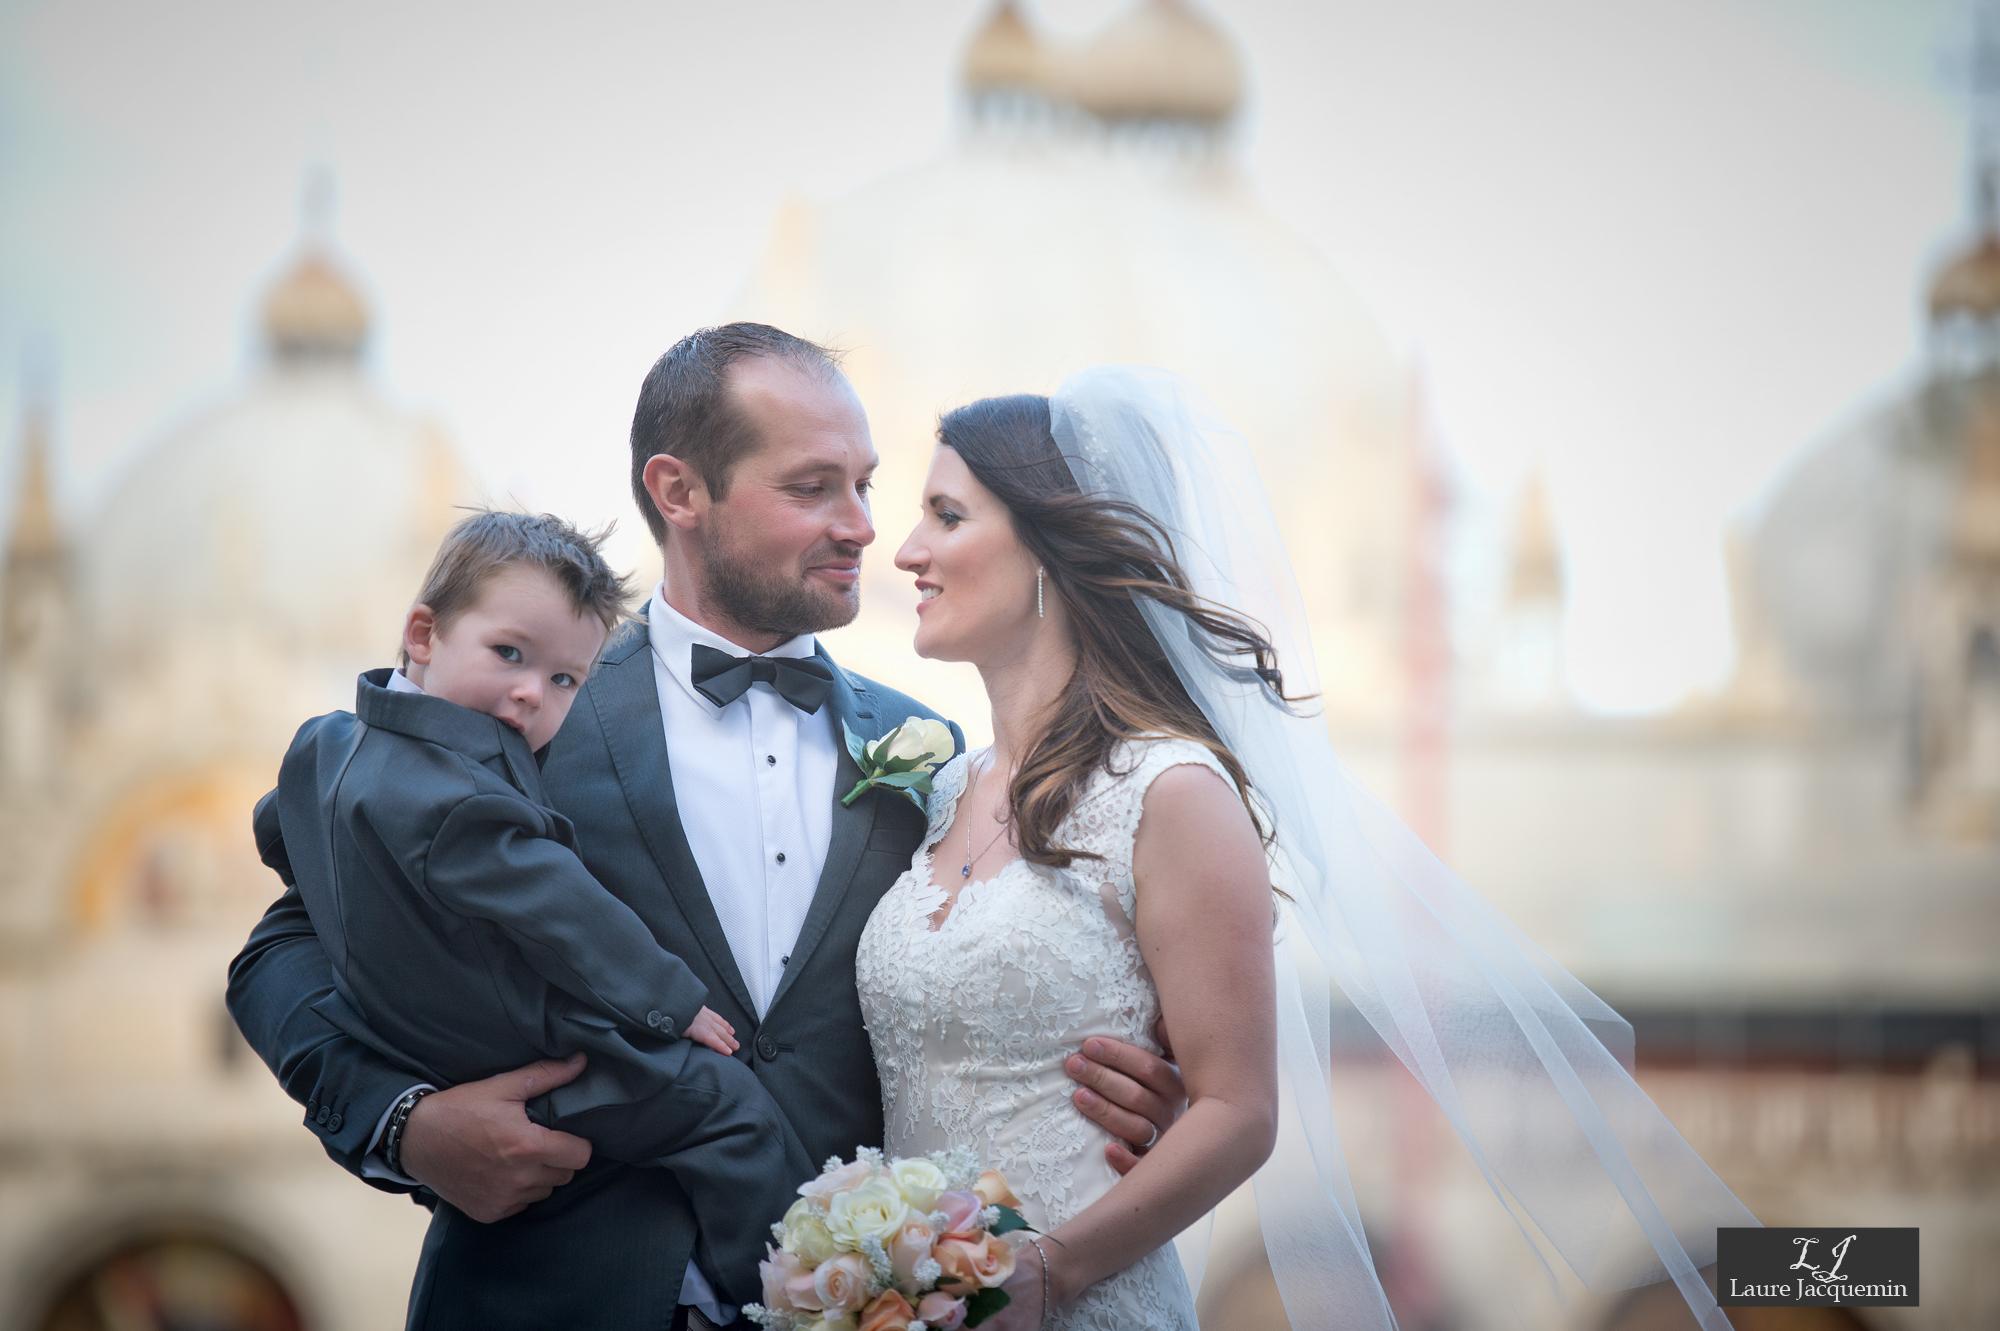 photographe mariage laure jacquemin palazzo cavalli service photographique (76)